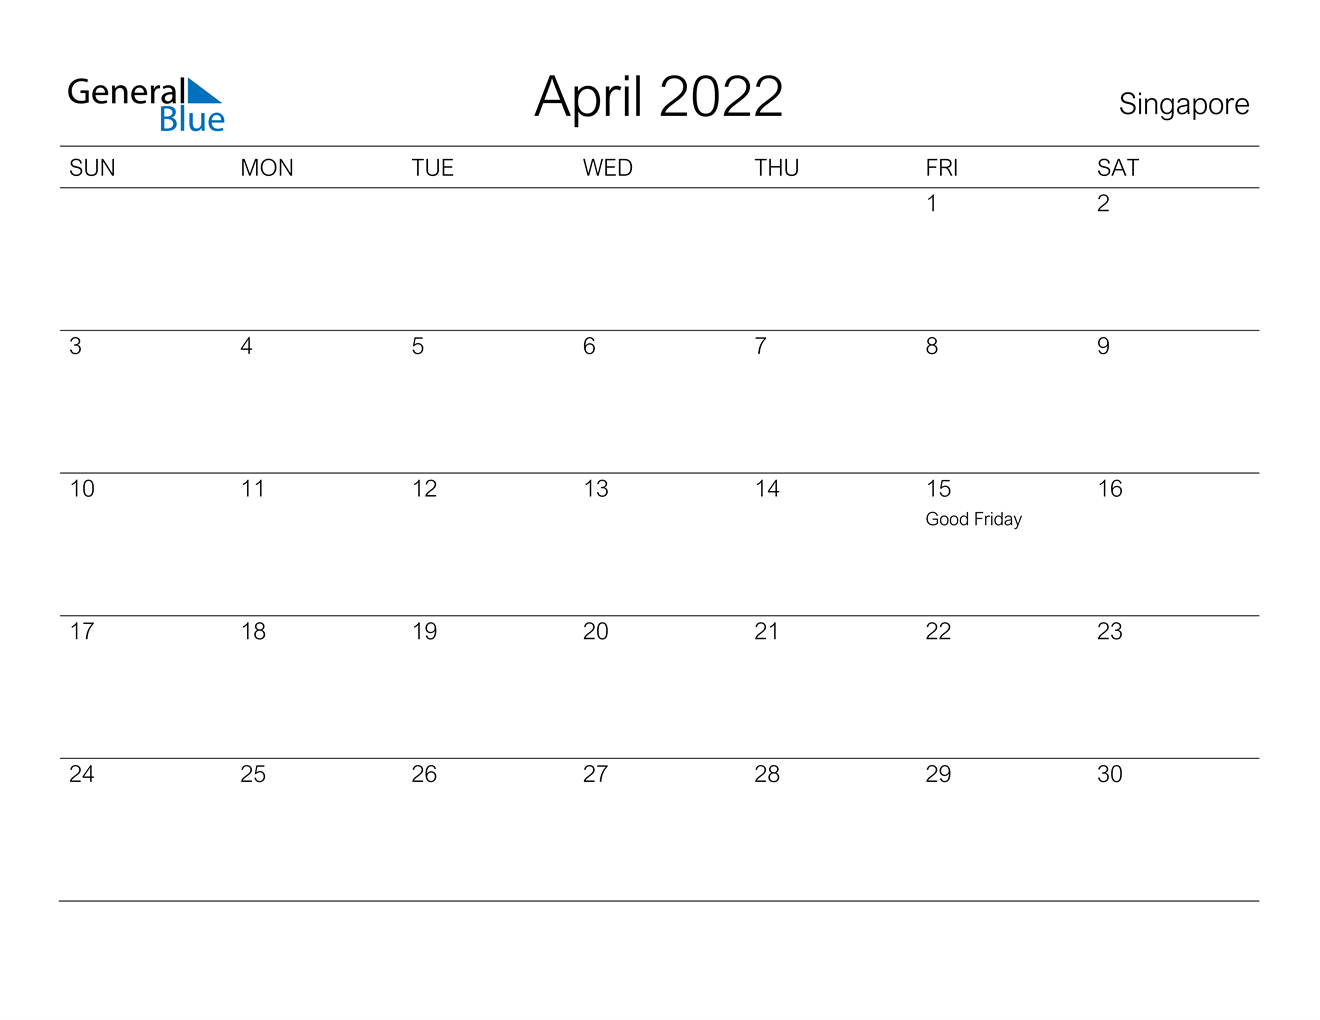 April 2022 Calendar - Singapore